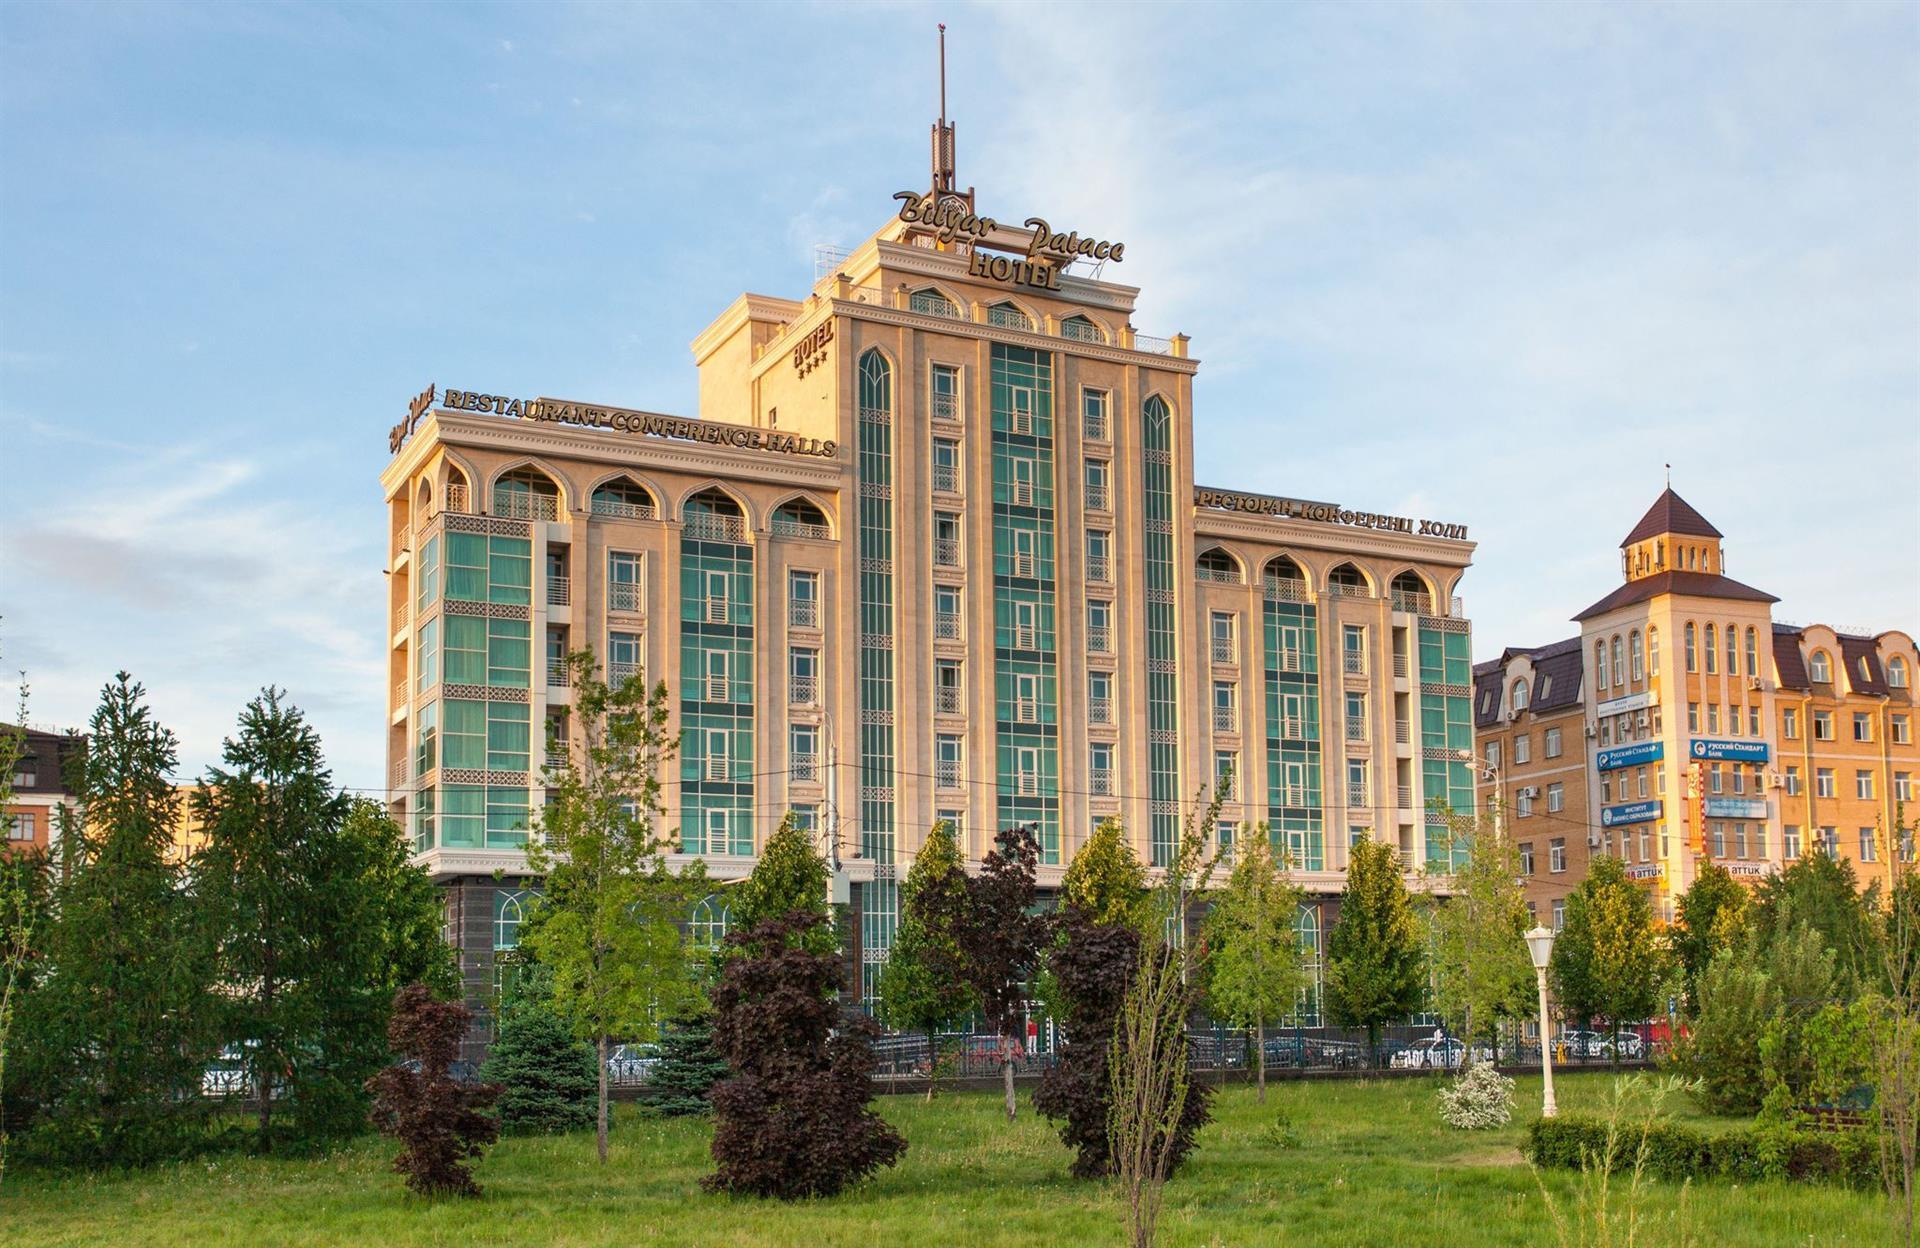 Отель Биляр Палас, Казань, Россия